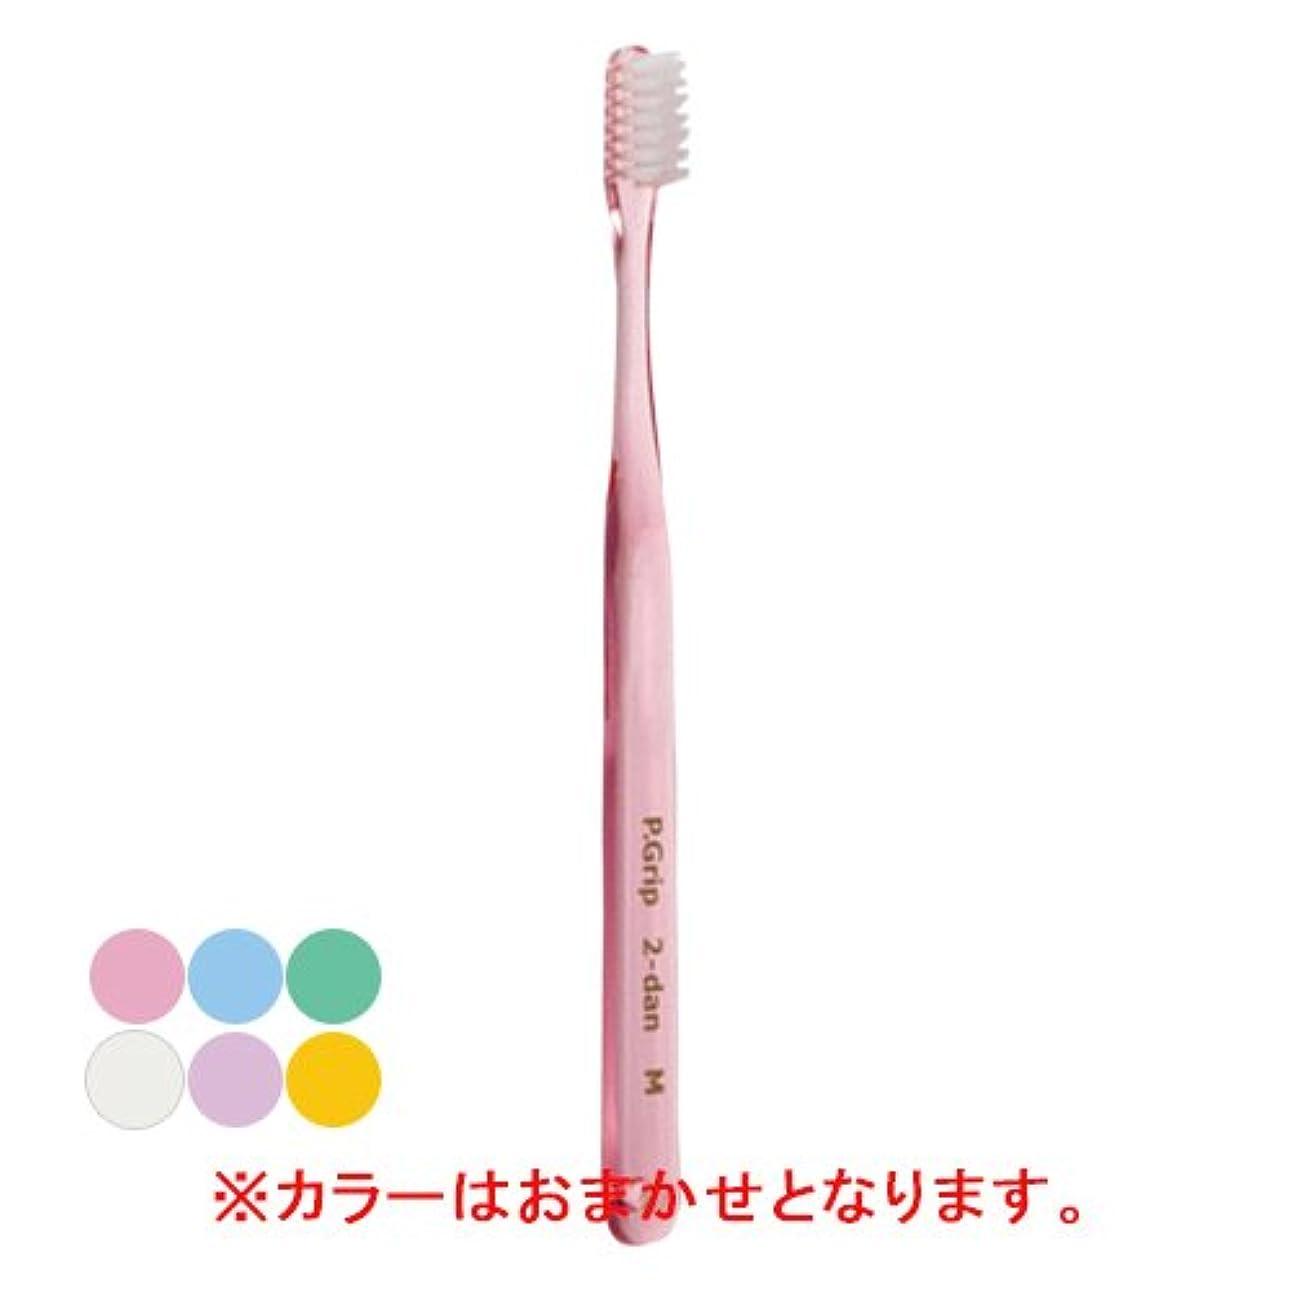 トピックフリル抑圧P.D.R.(ピーディーアール) P.Grip(ピーグリップ)歯ブラシ 二段植毛タイプ ミディアム(ふつう) 1本